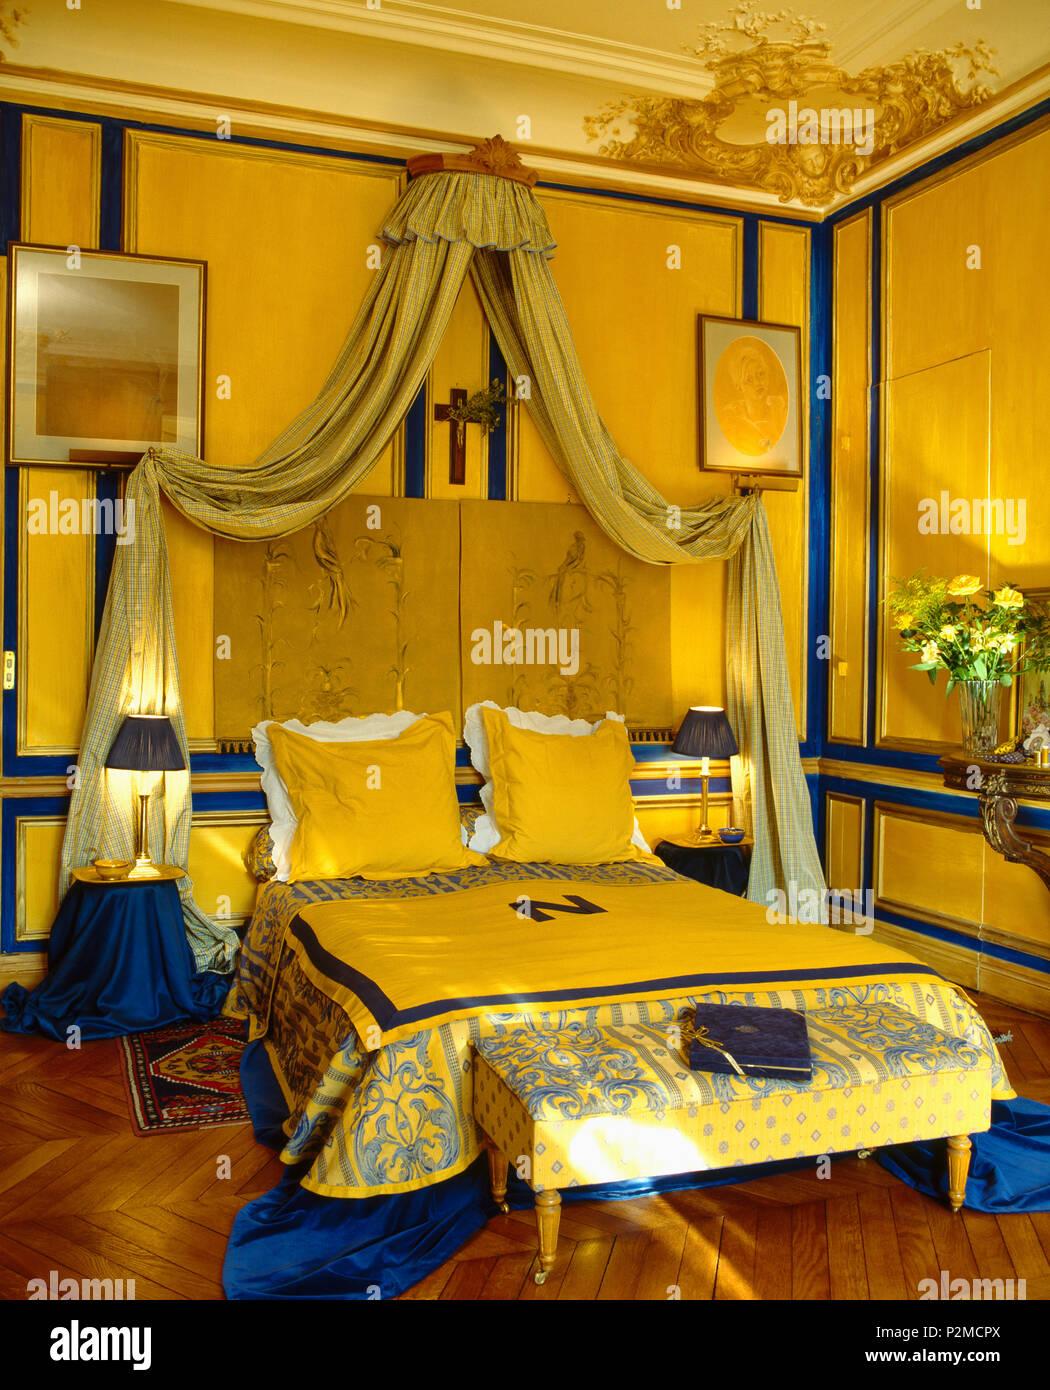 Coronet avec rideaux crème au-dessus de lit avec couvre-lit bleu + ...